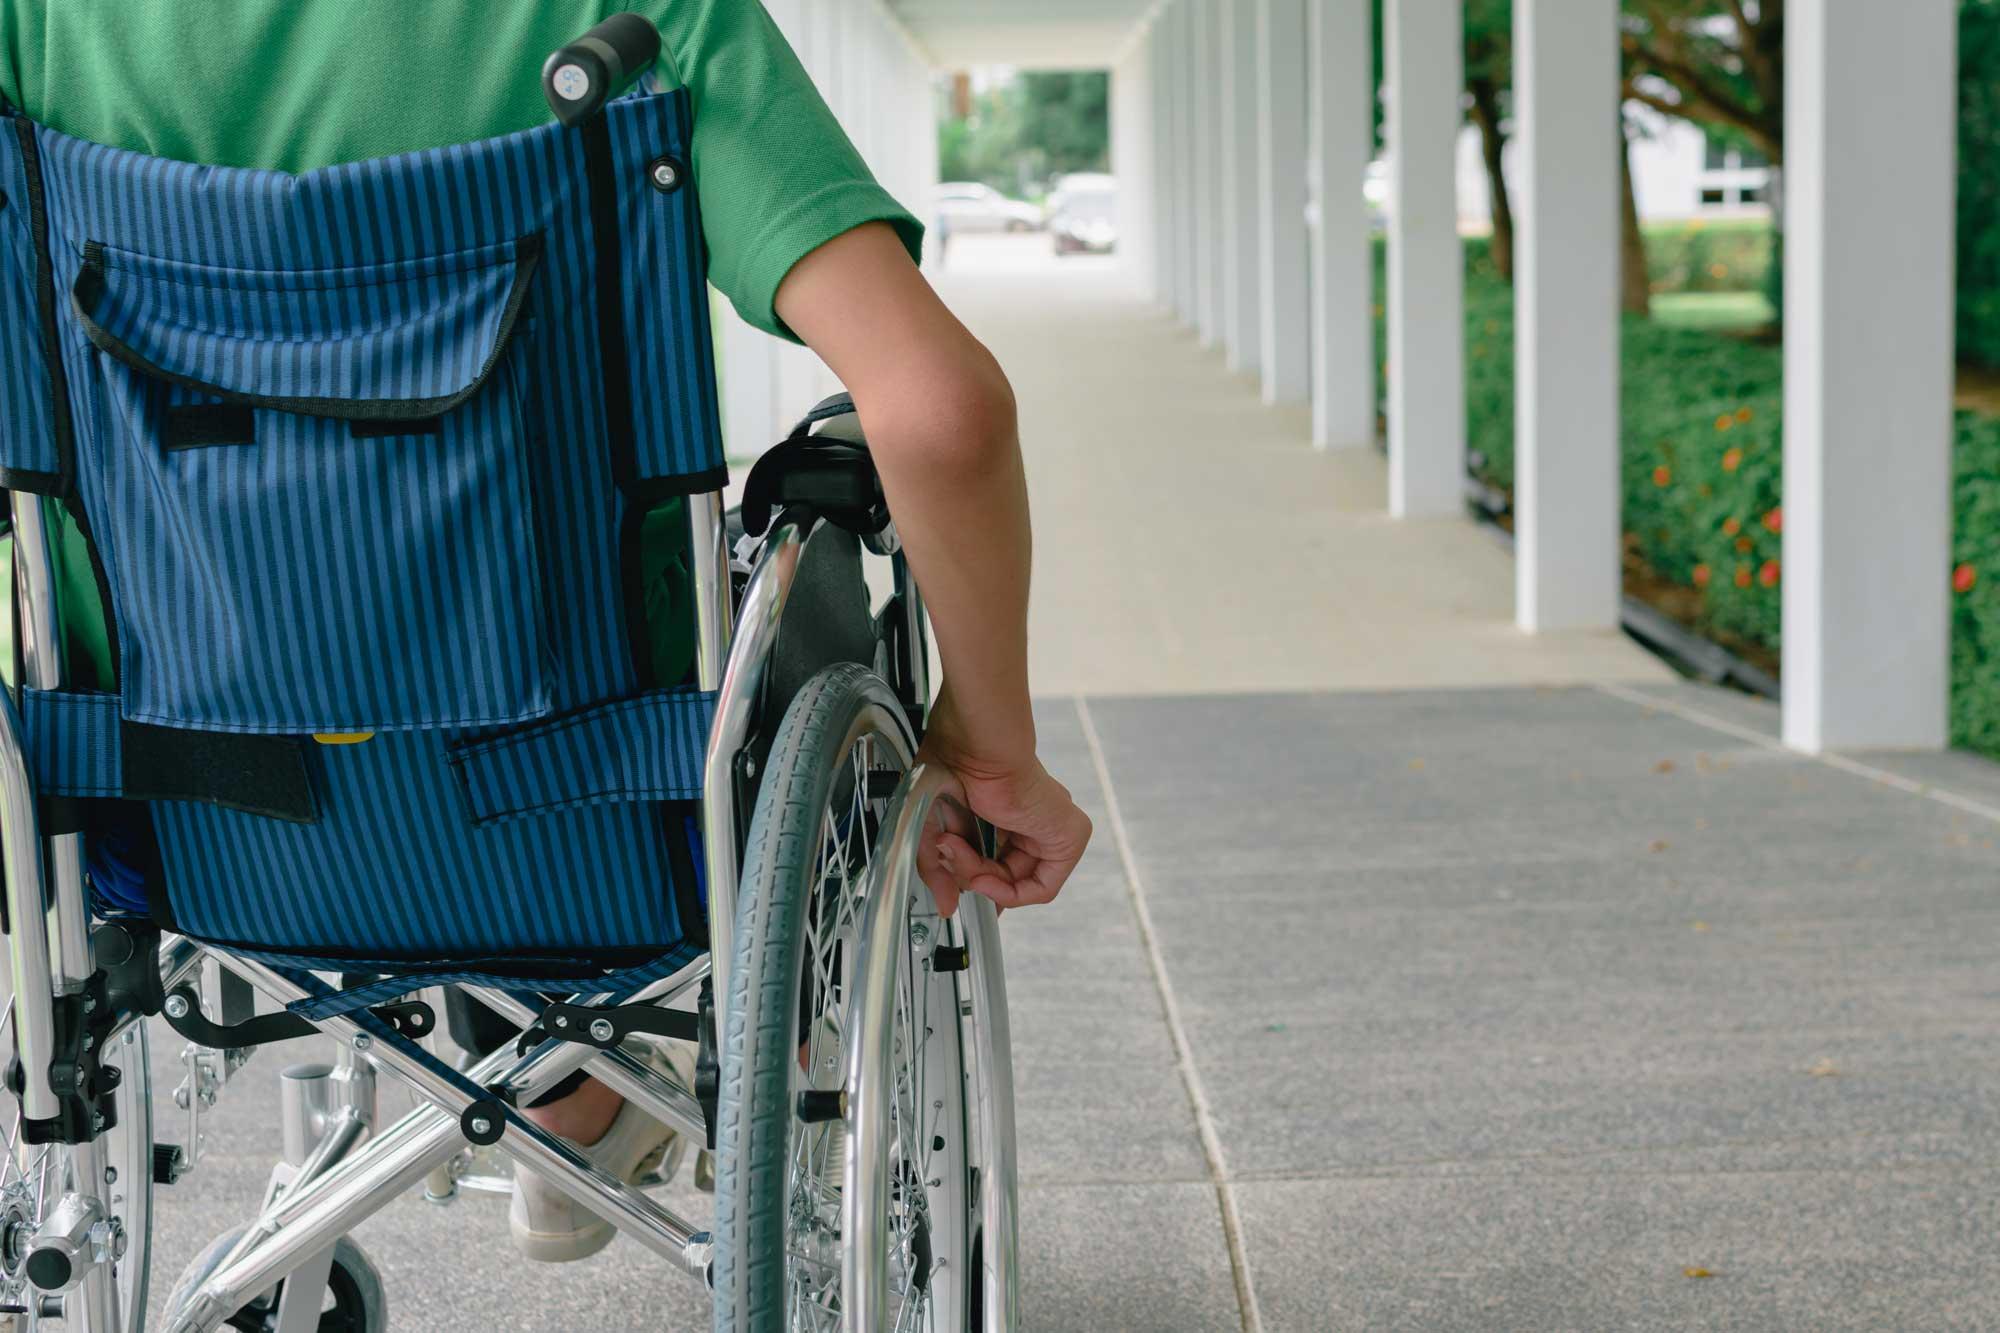 UCM se adjudicó cerca de 20 millones de pesos para colaborar en el aprendizaje de estudiantes con  discapacidad